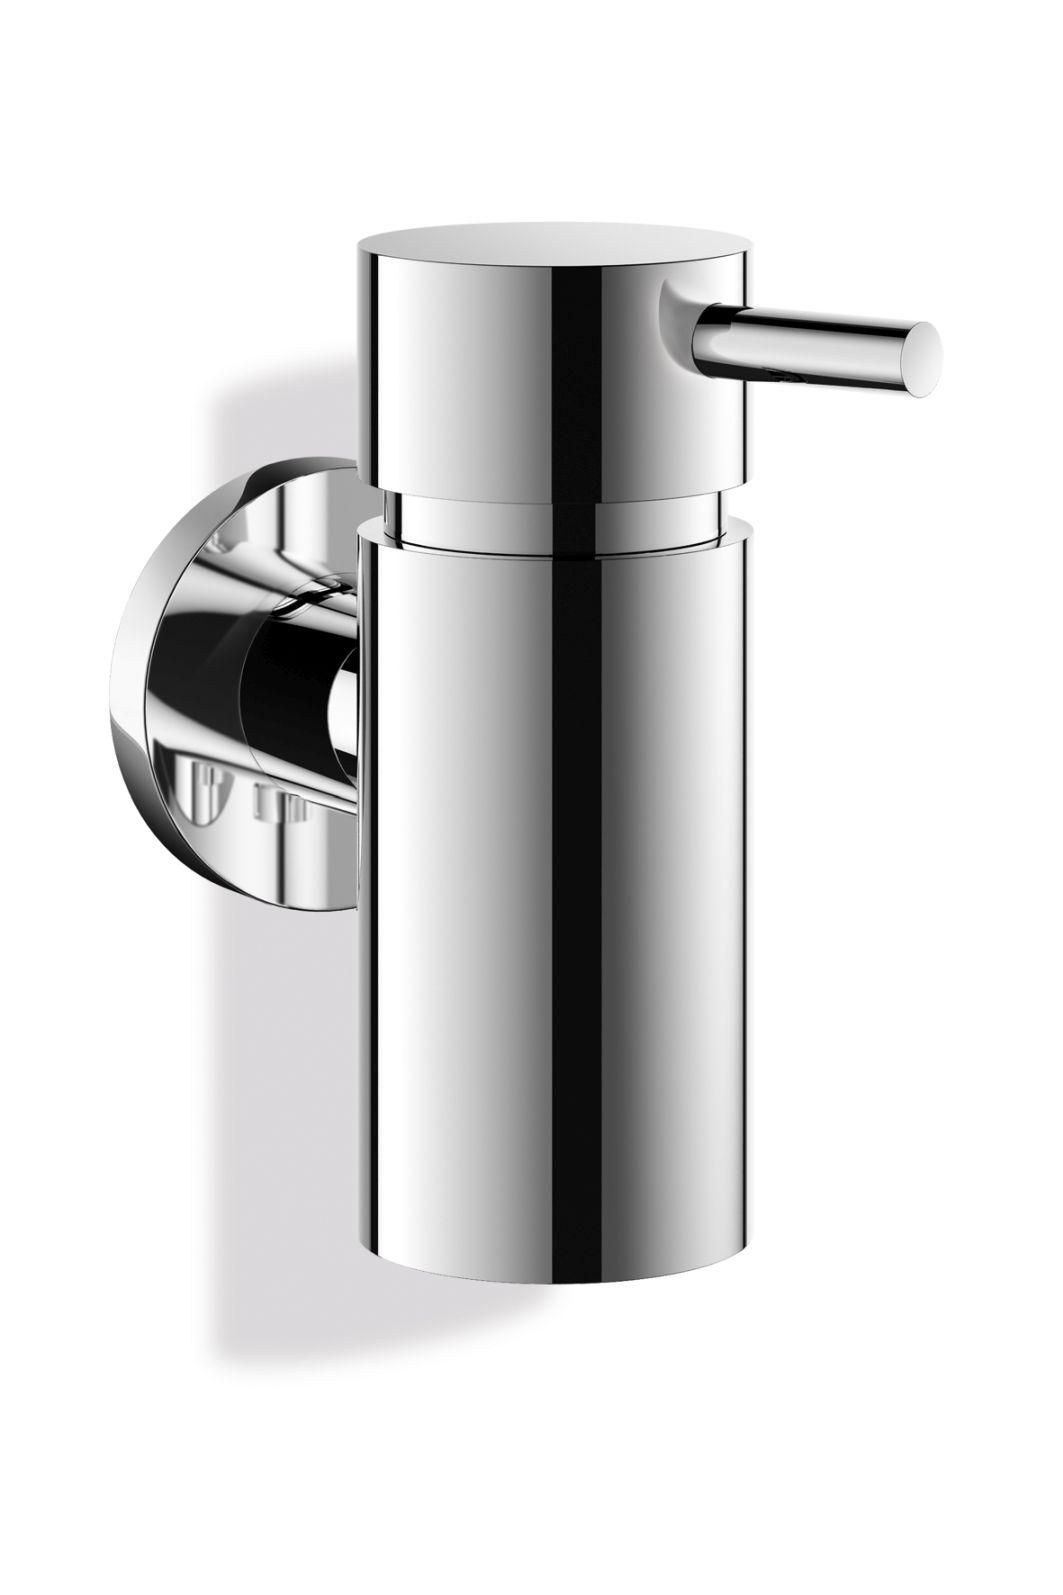 Dávkovač na mýdlo TICO 130 ml, nástěnný - ZACK